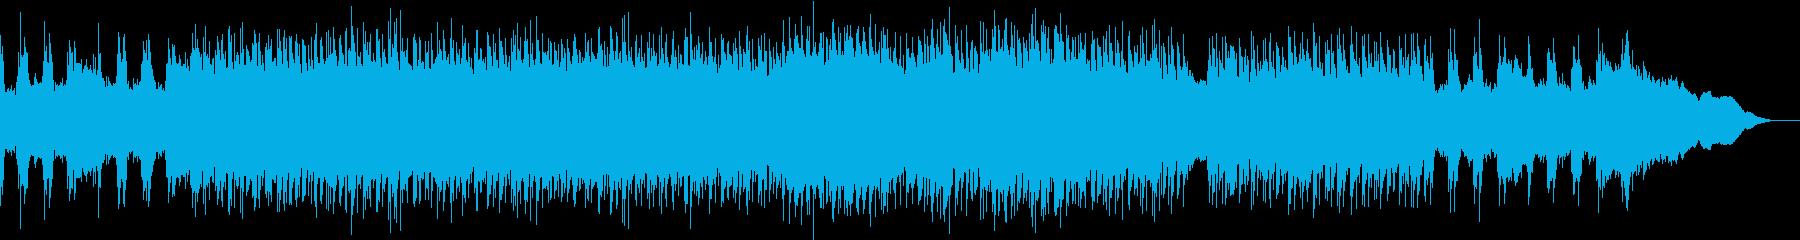 疾走感のあるハモリが特徴のロックの再生済みの波形